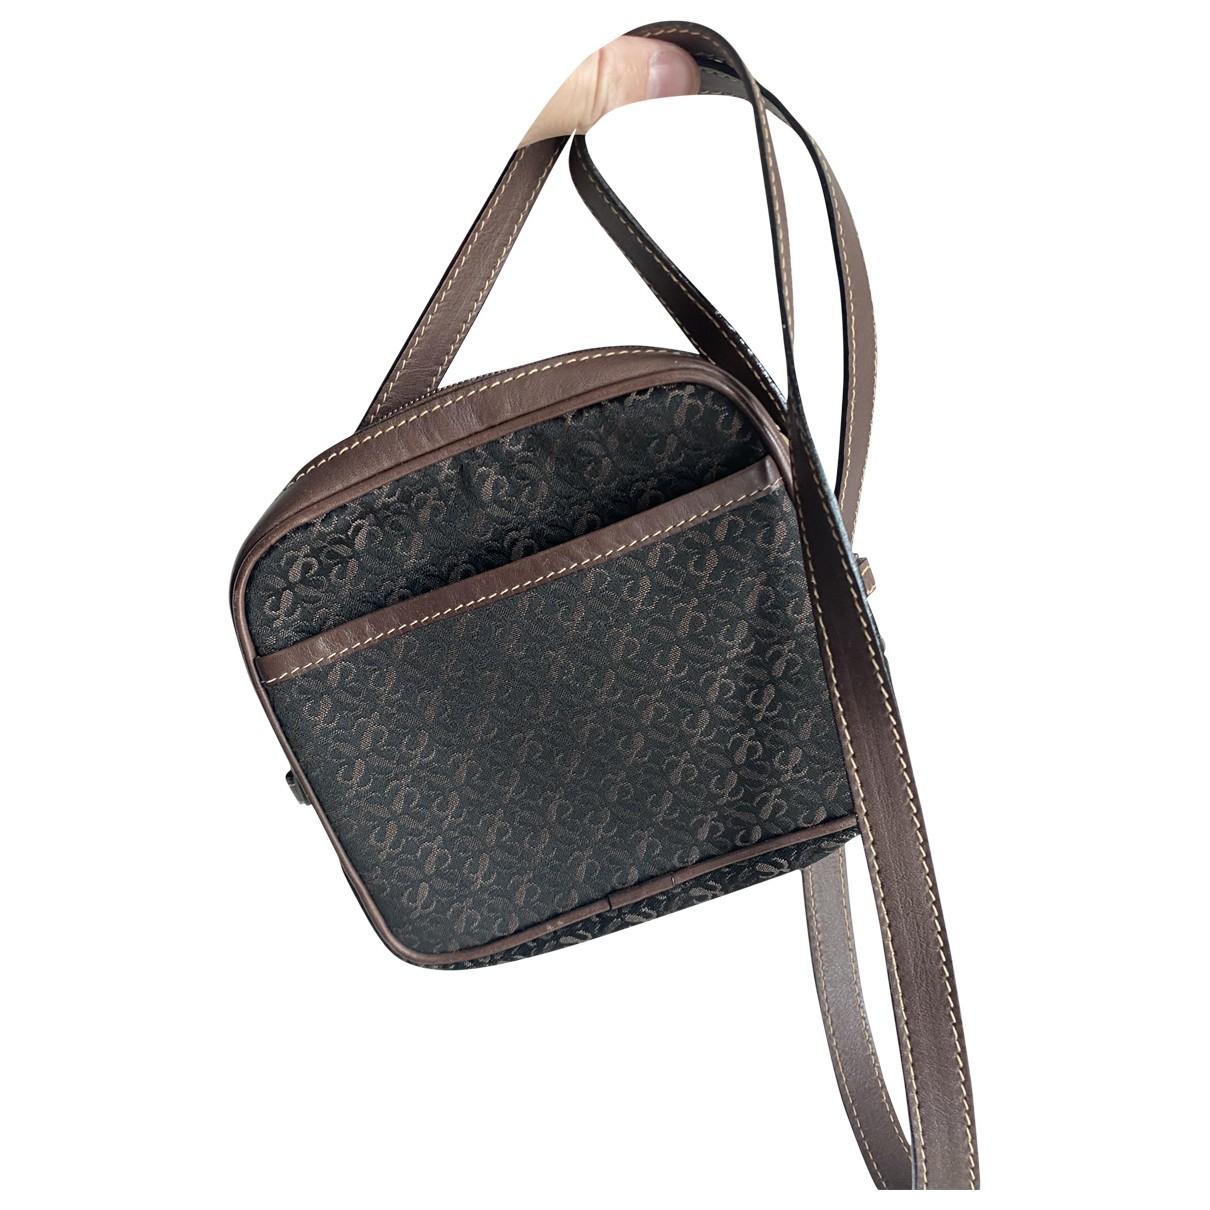 Loewe \N Brown Cloth handbag for Women \N